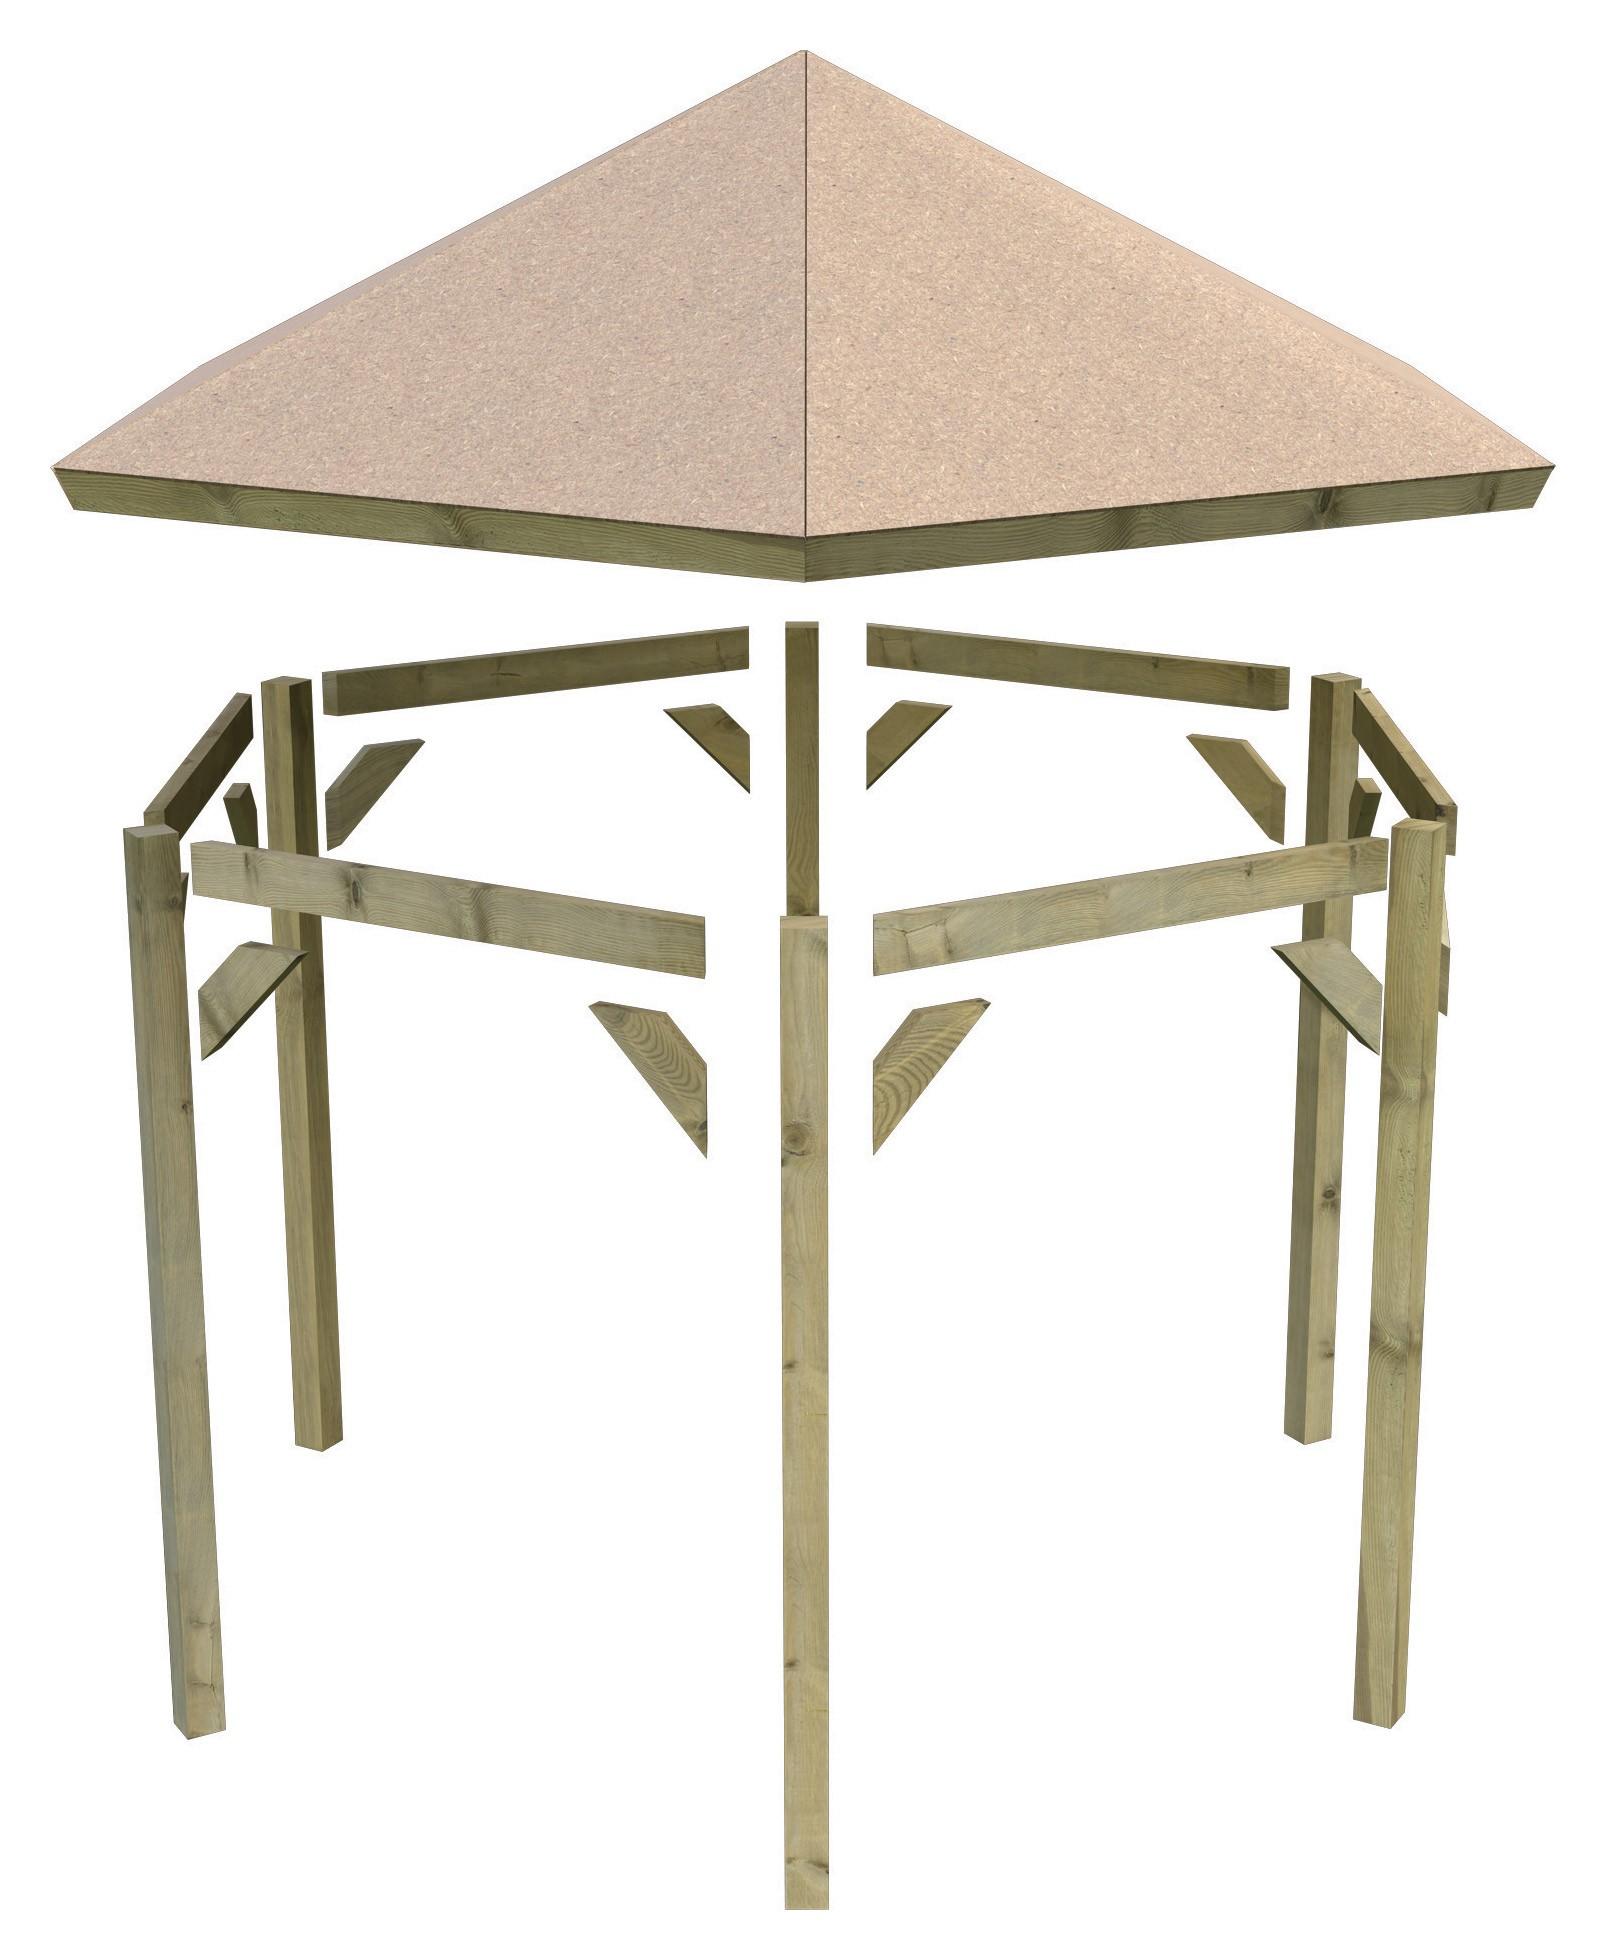 karibu gartenlaube madrid kdi 349x302cm sparset mit schindeln bei. Black Bedroom Furniture Sets. Home Design Ideas